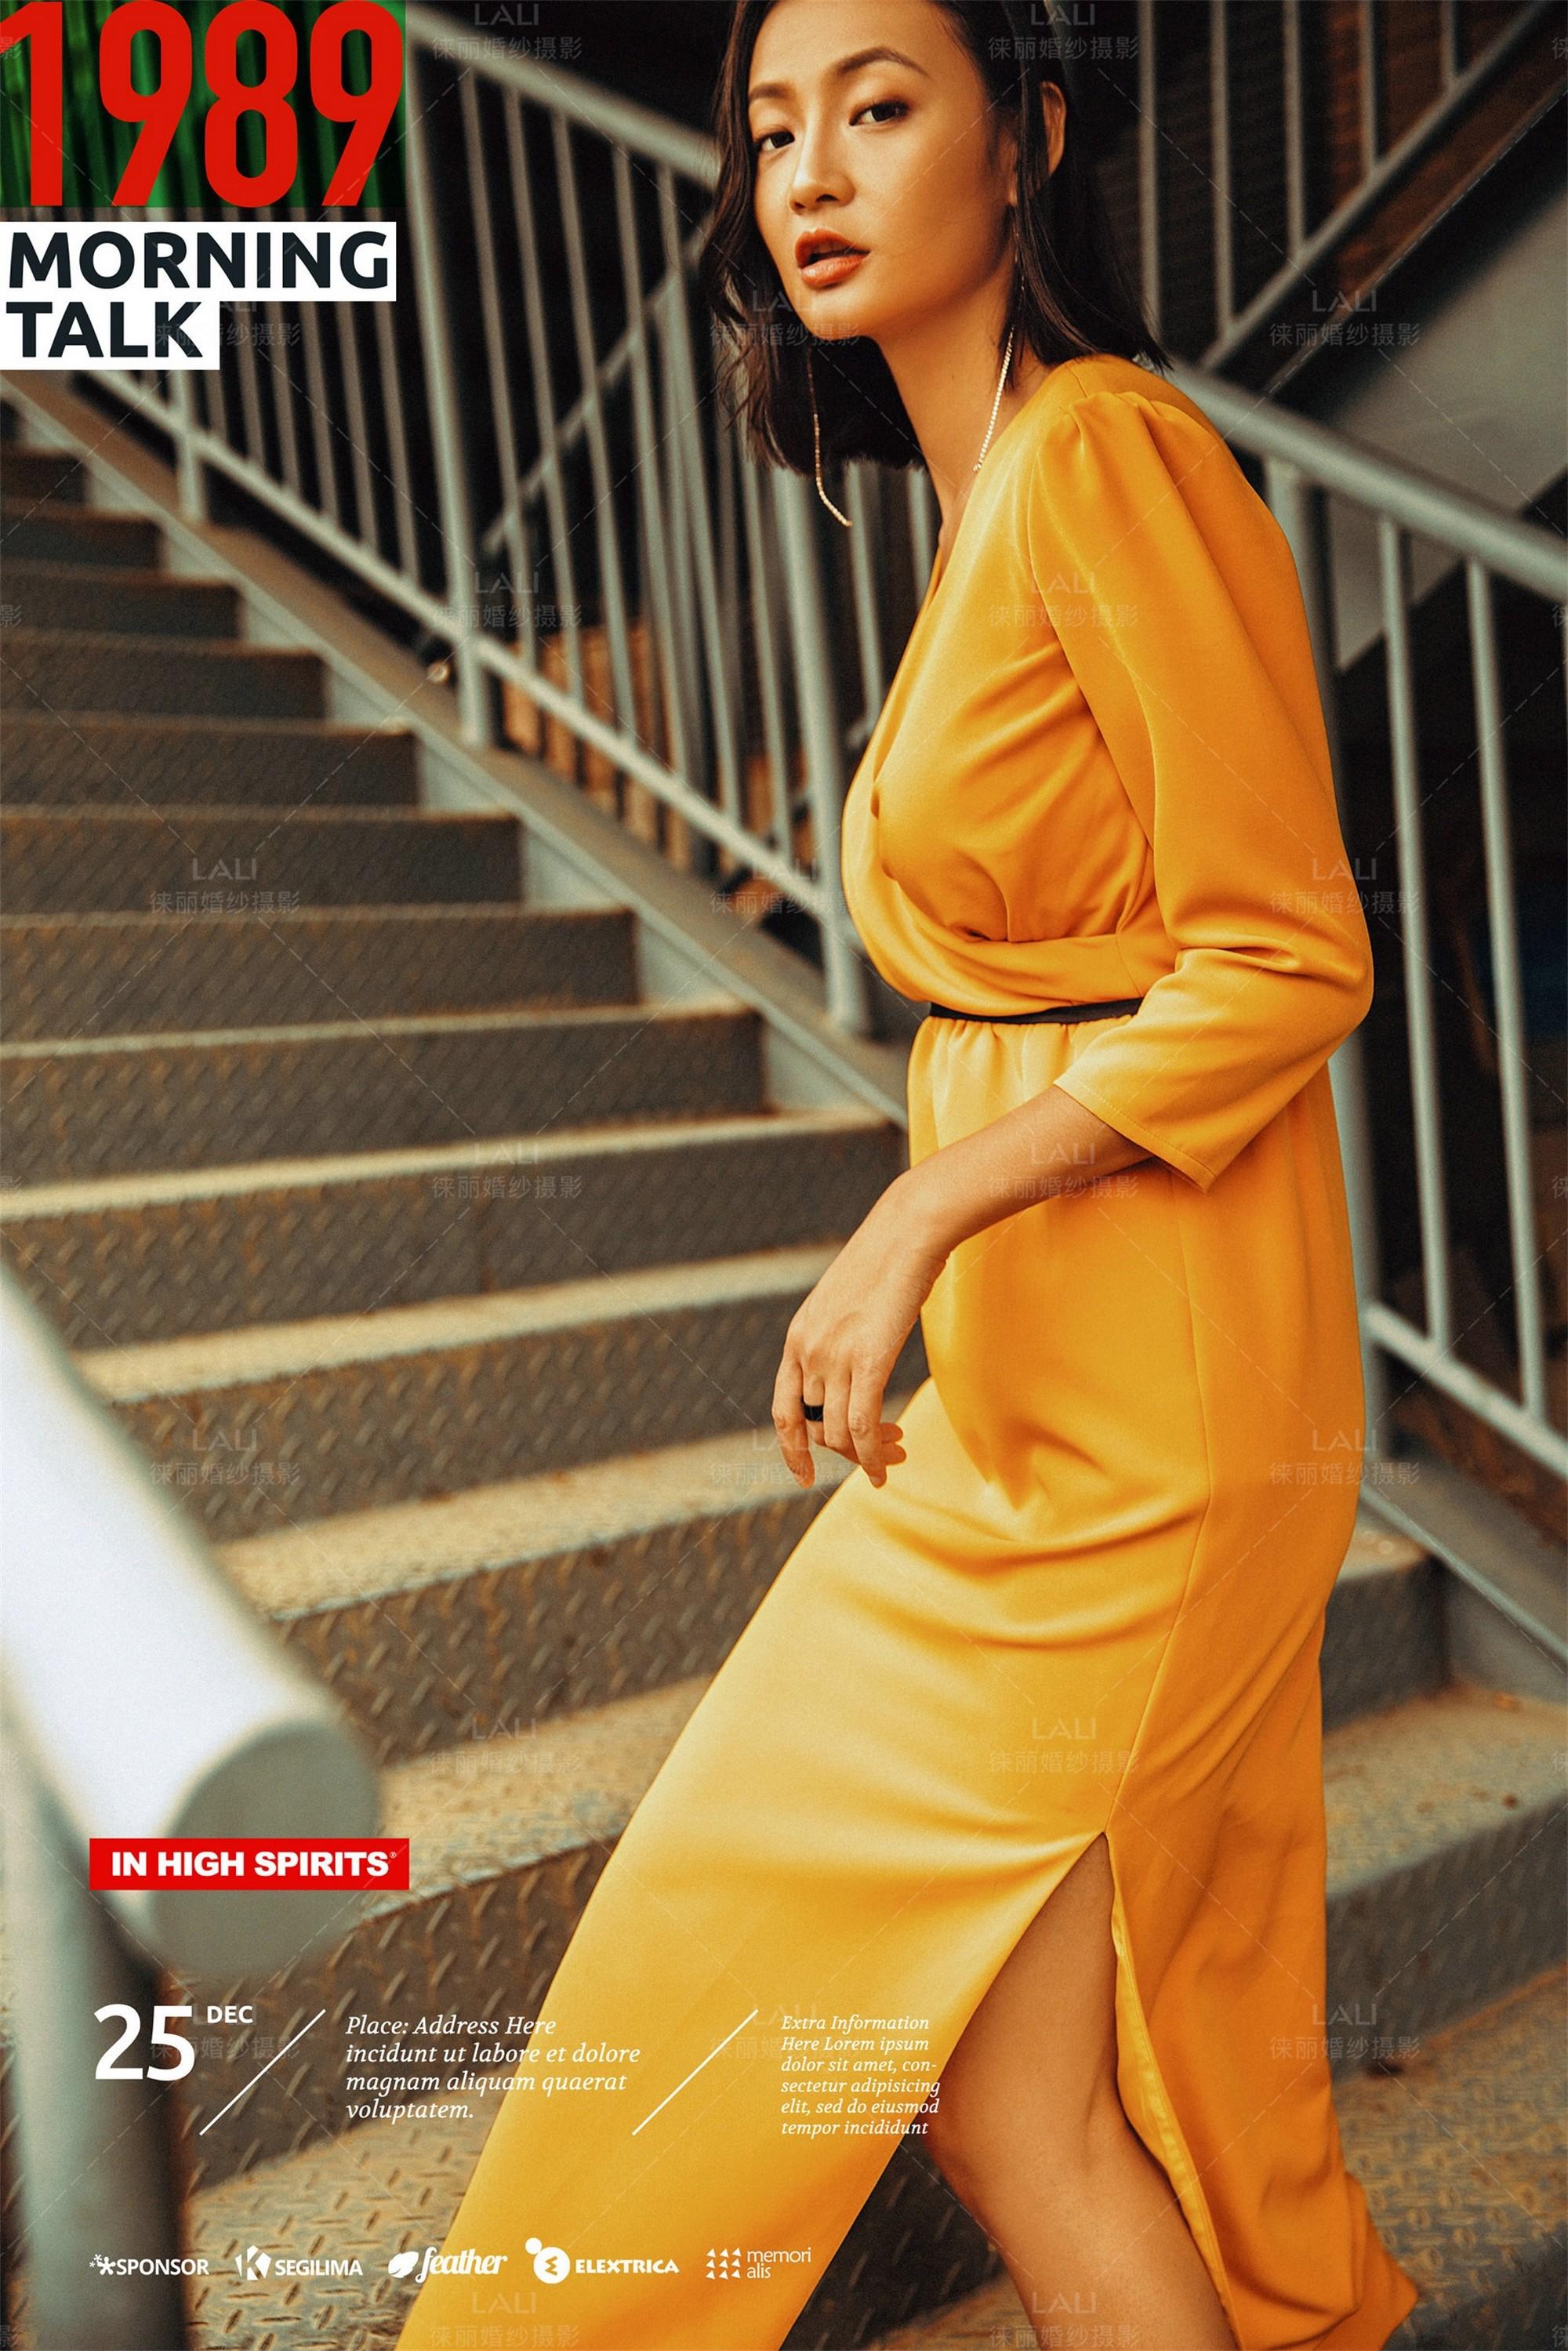 輕婚紗洋裝,輕婚紗台北,輕婚紗推薦,輕婚紗照,輕婚紗訂製,輕婚紗品牌,美式輕婚紗,韓式輕婚紗,輕婚紗,時裝婚紗,旅拍婚紗